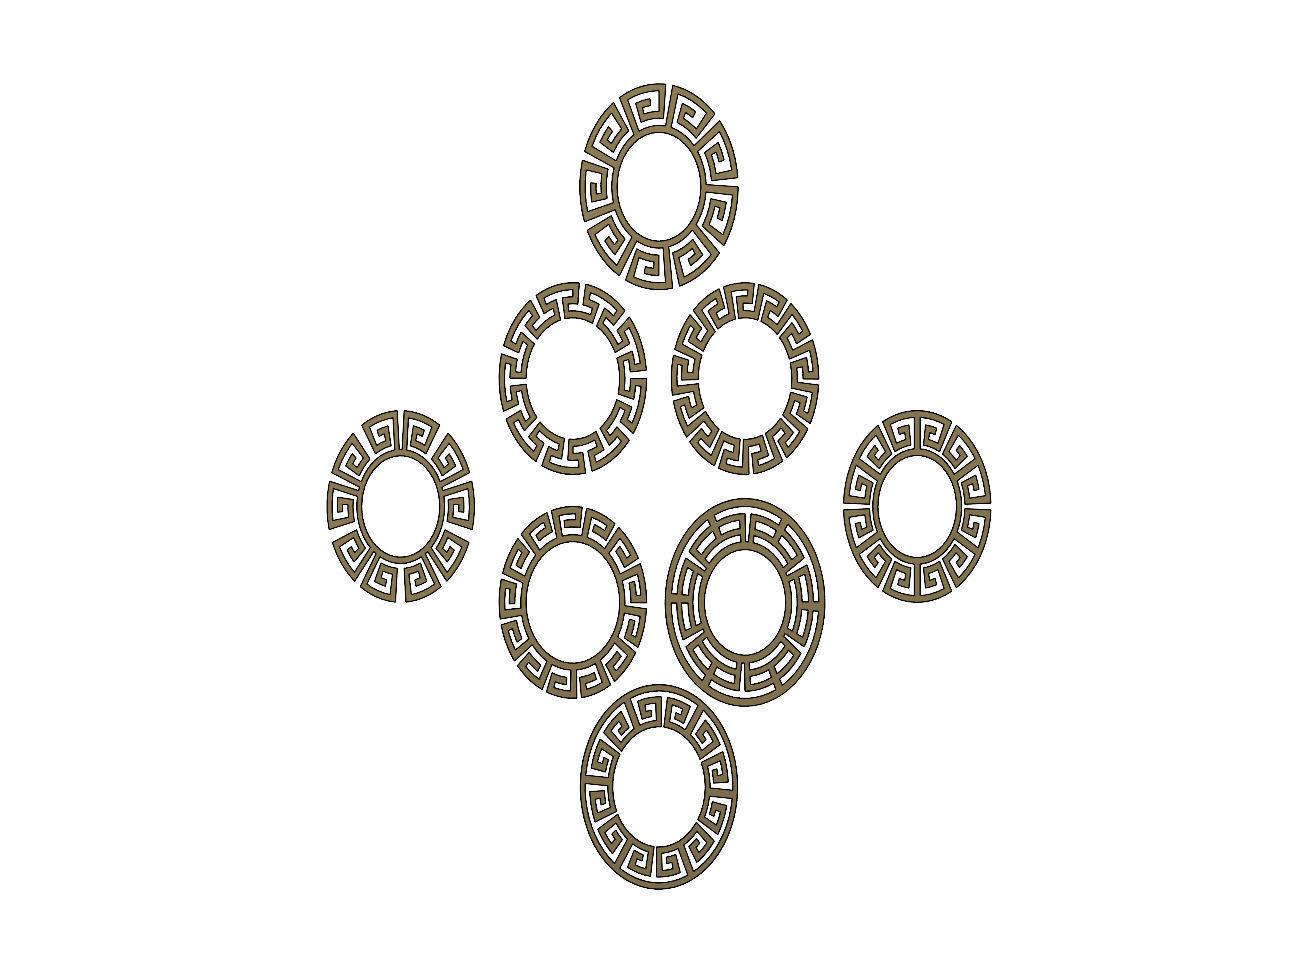 Elliptical Meandre Greek key pattern